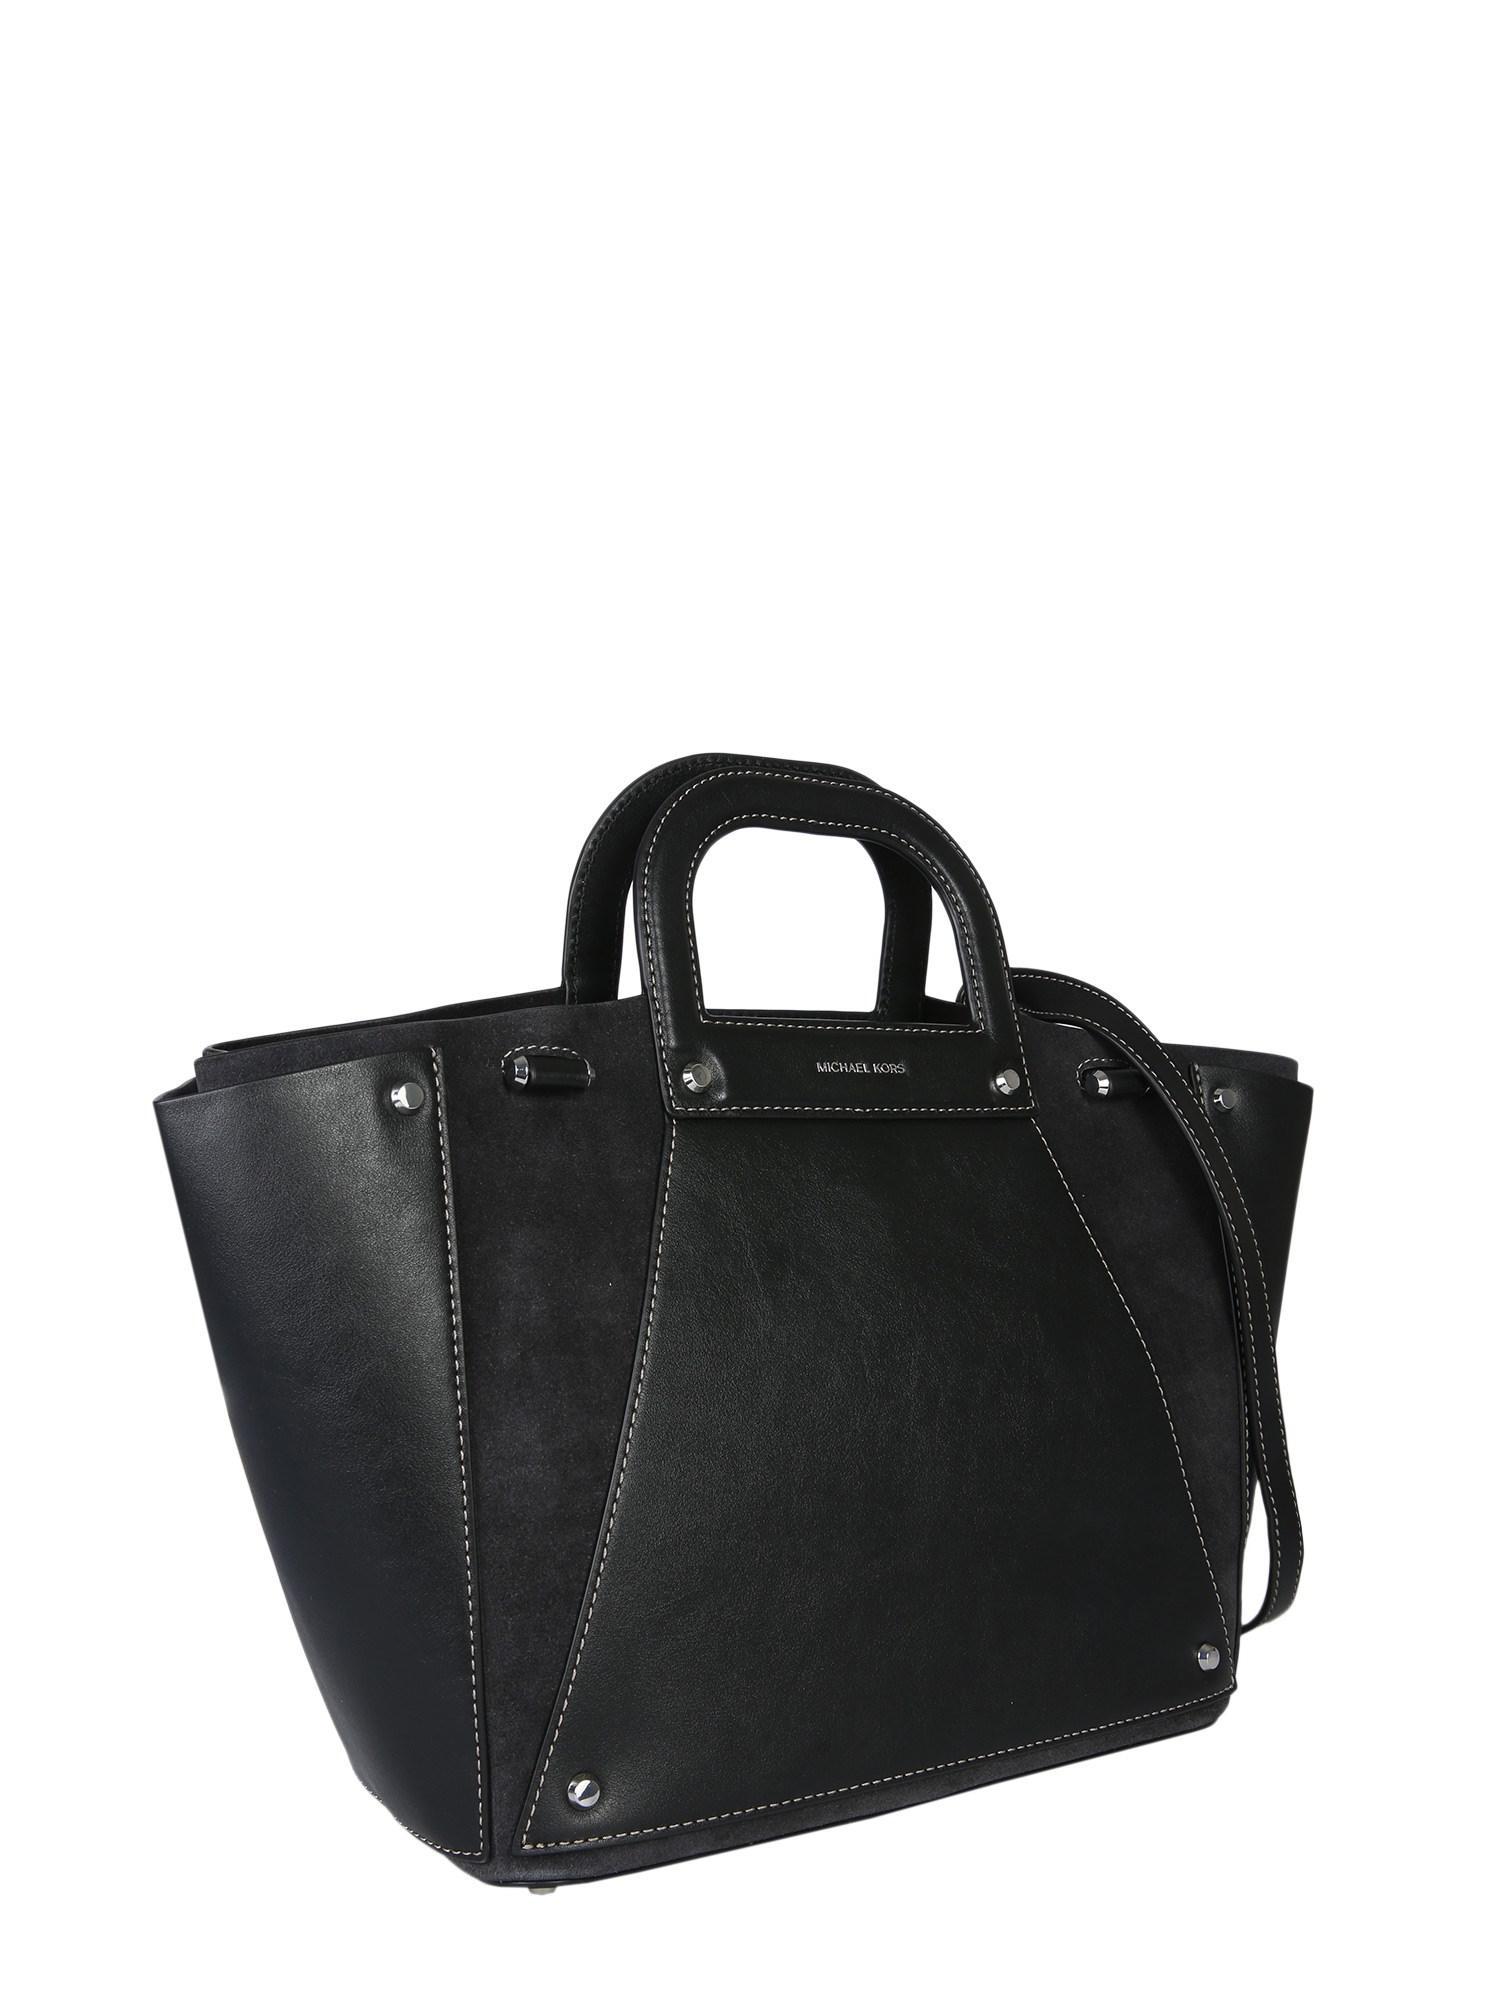 MICHAEL Michael Kors - Brown Large Clara Leather Tote Bag - Lyst. View  fullscreen d63c3cf6a